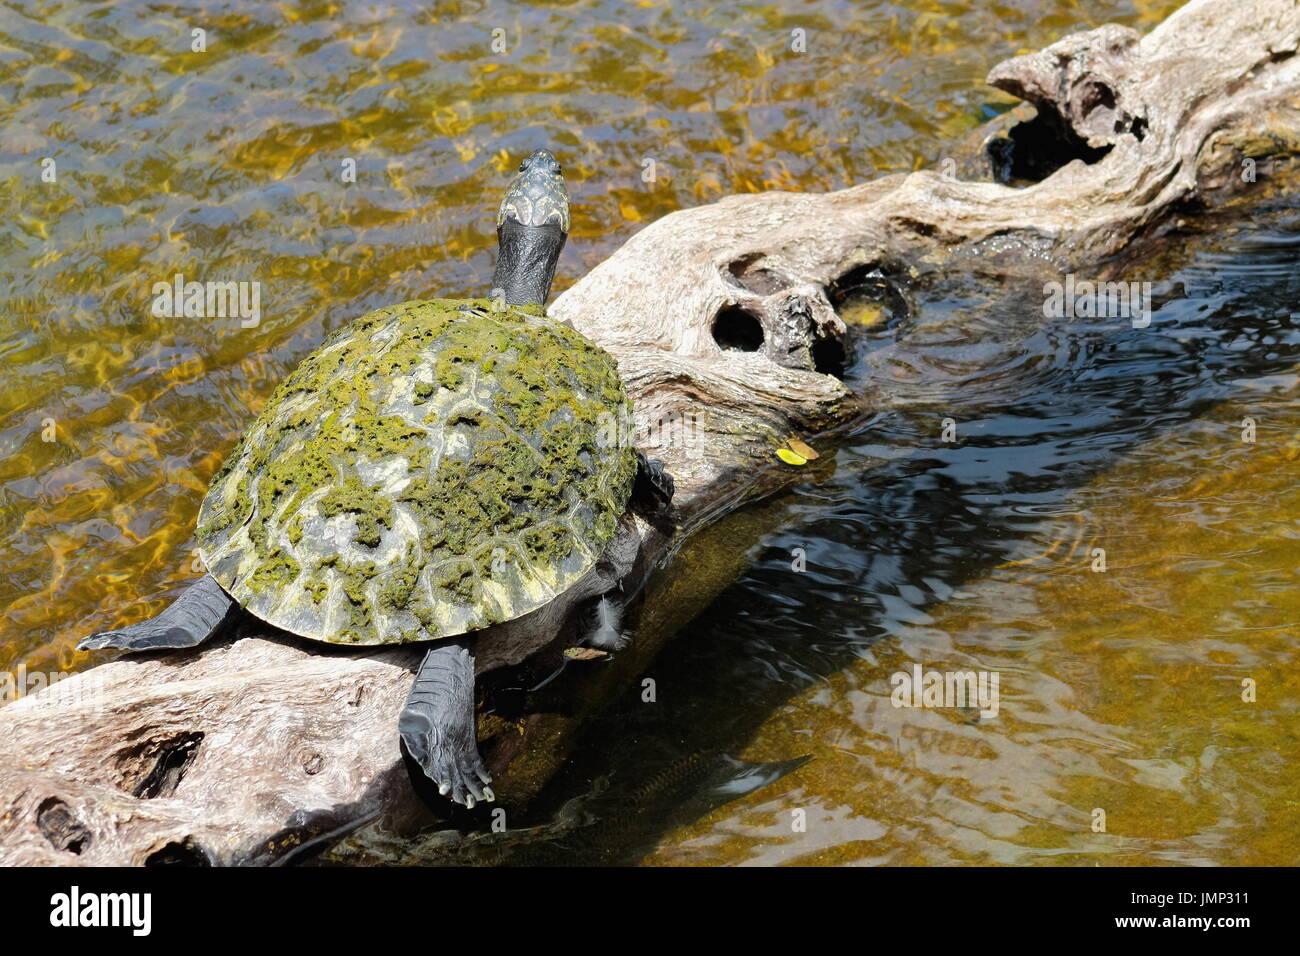 Gelb gefleckten Amazon Schildkröte - Podocnemis unifilis Stockbild